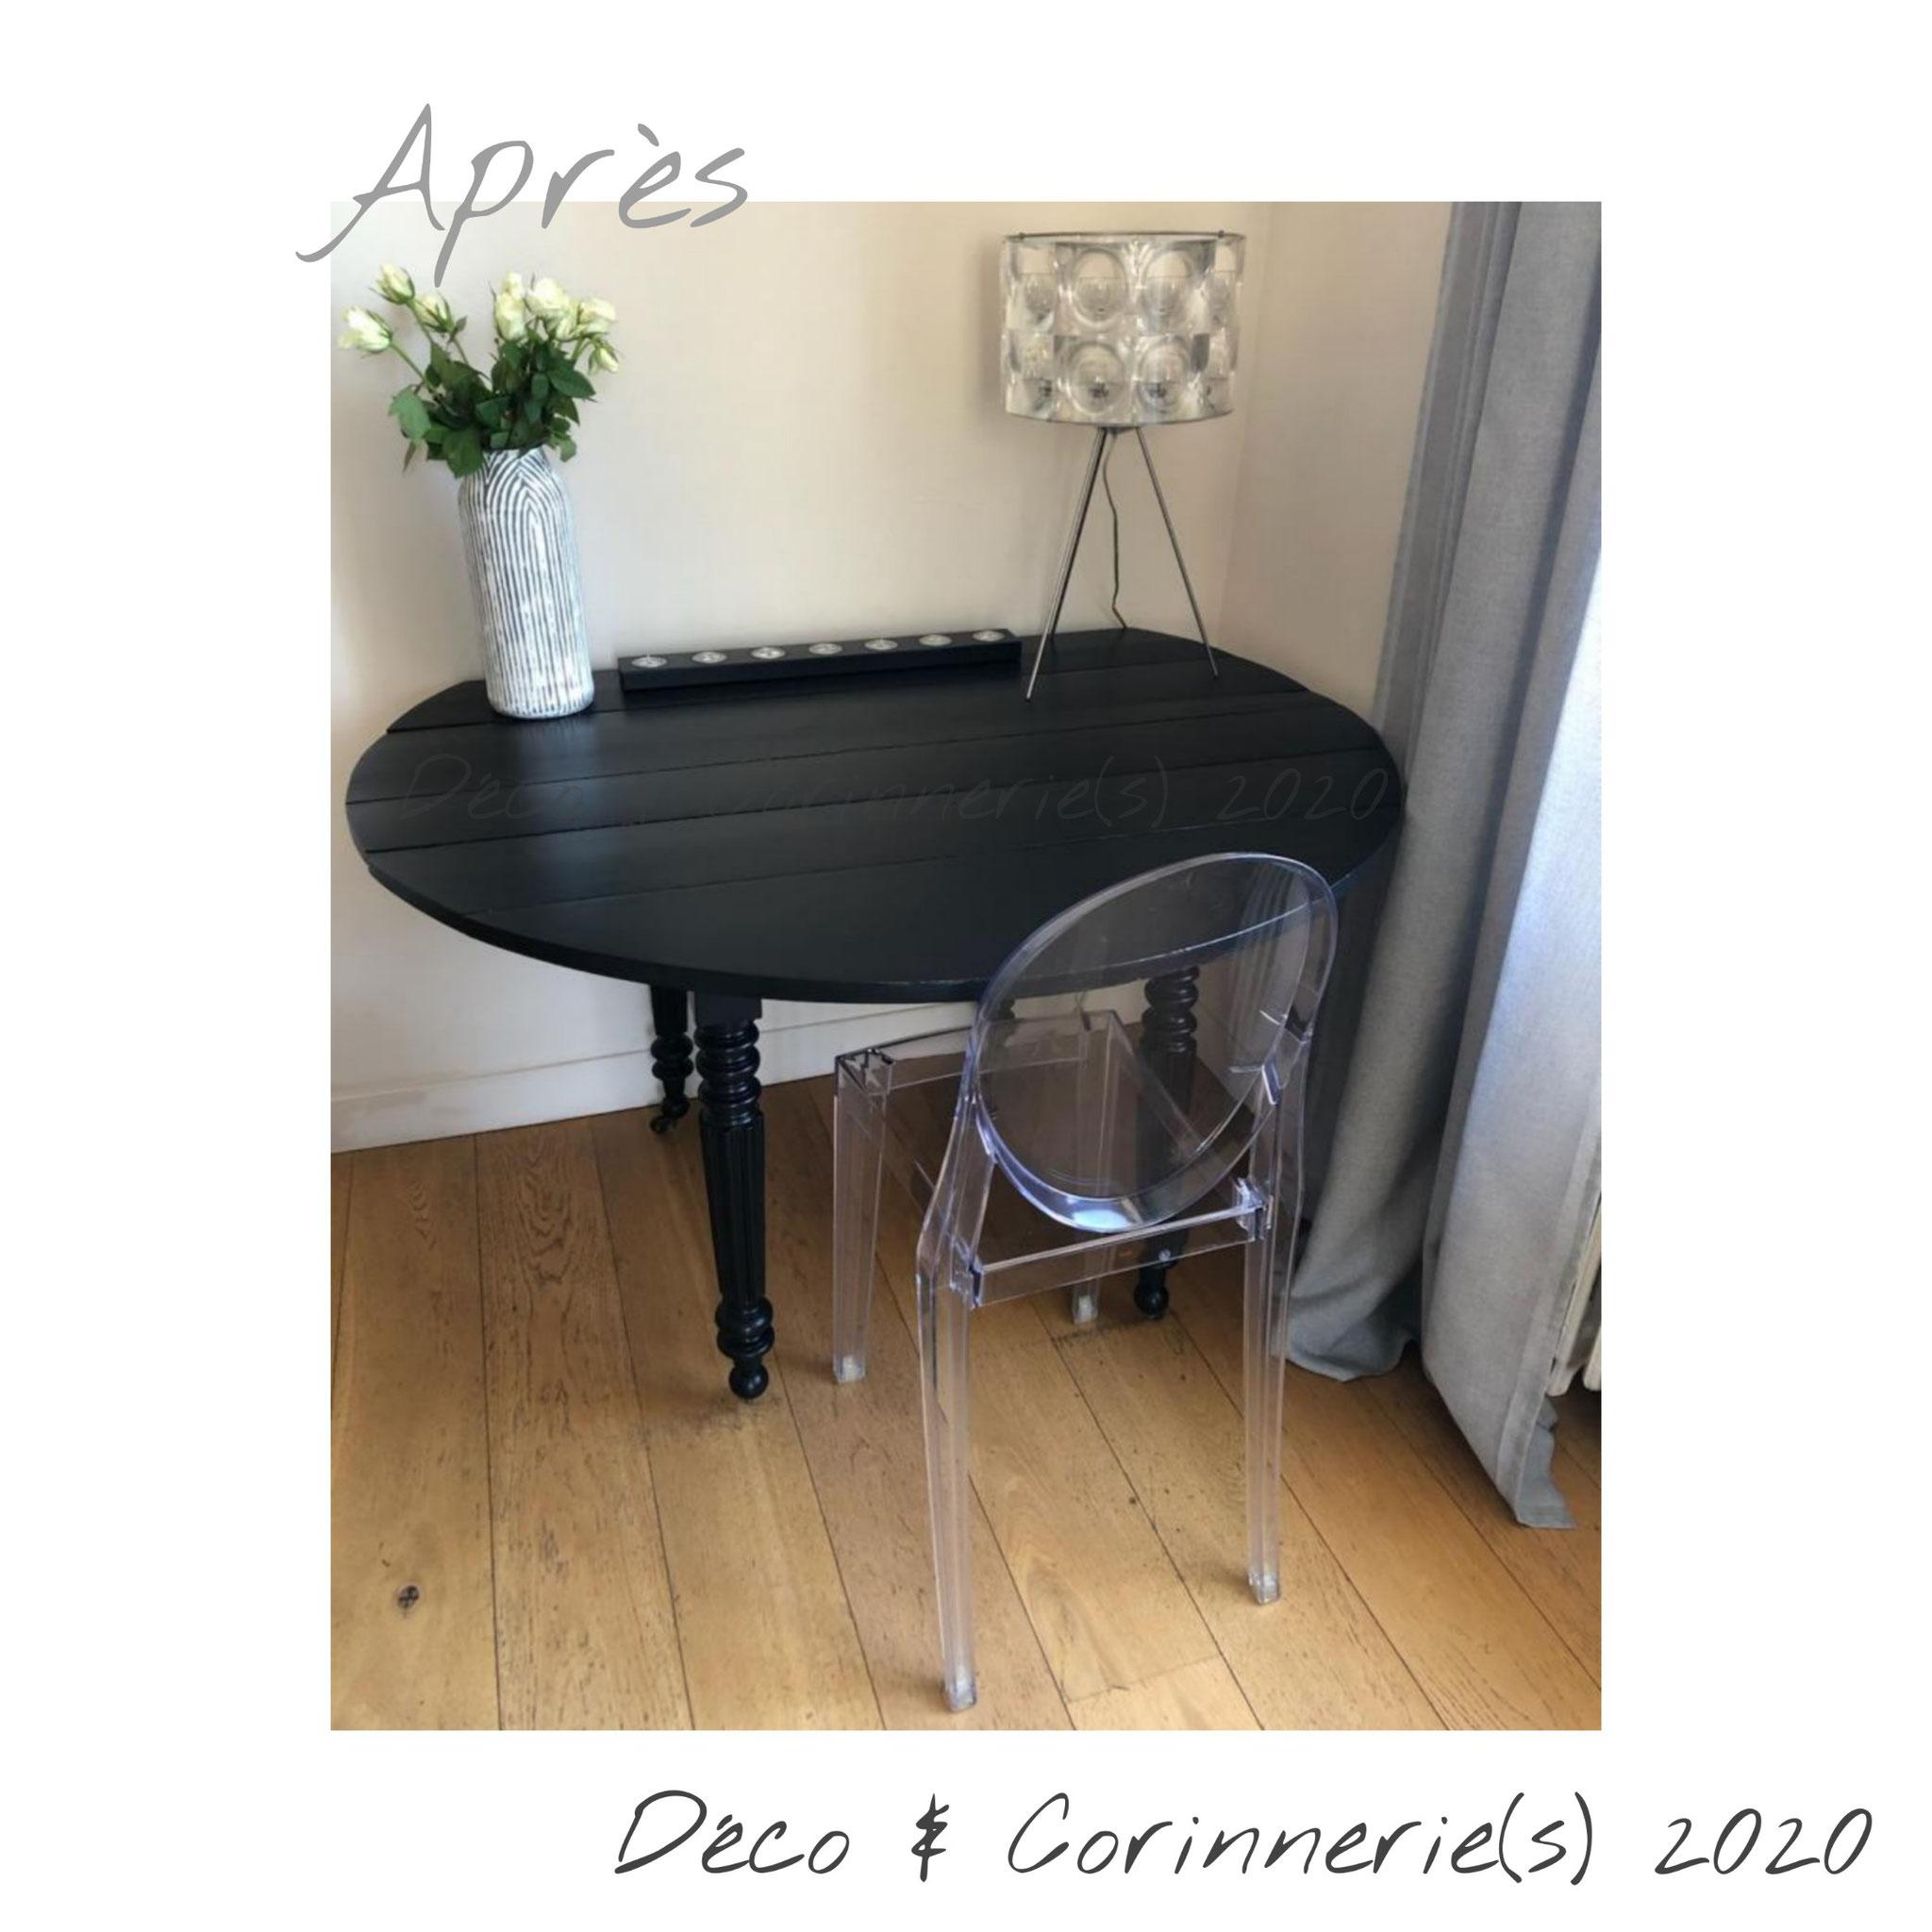 #Après #Table monochrome Noir - Réalisation Déco & Corinnerie(s)